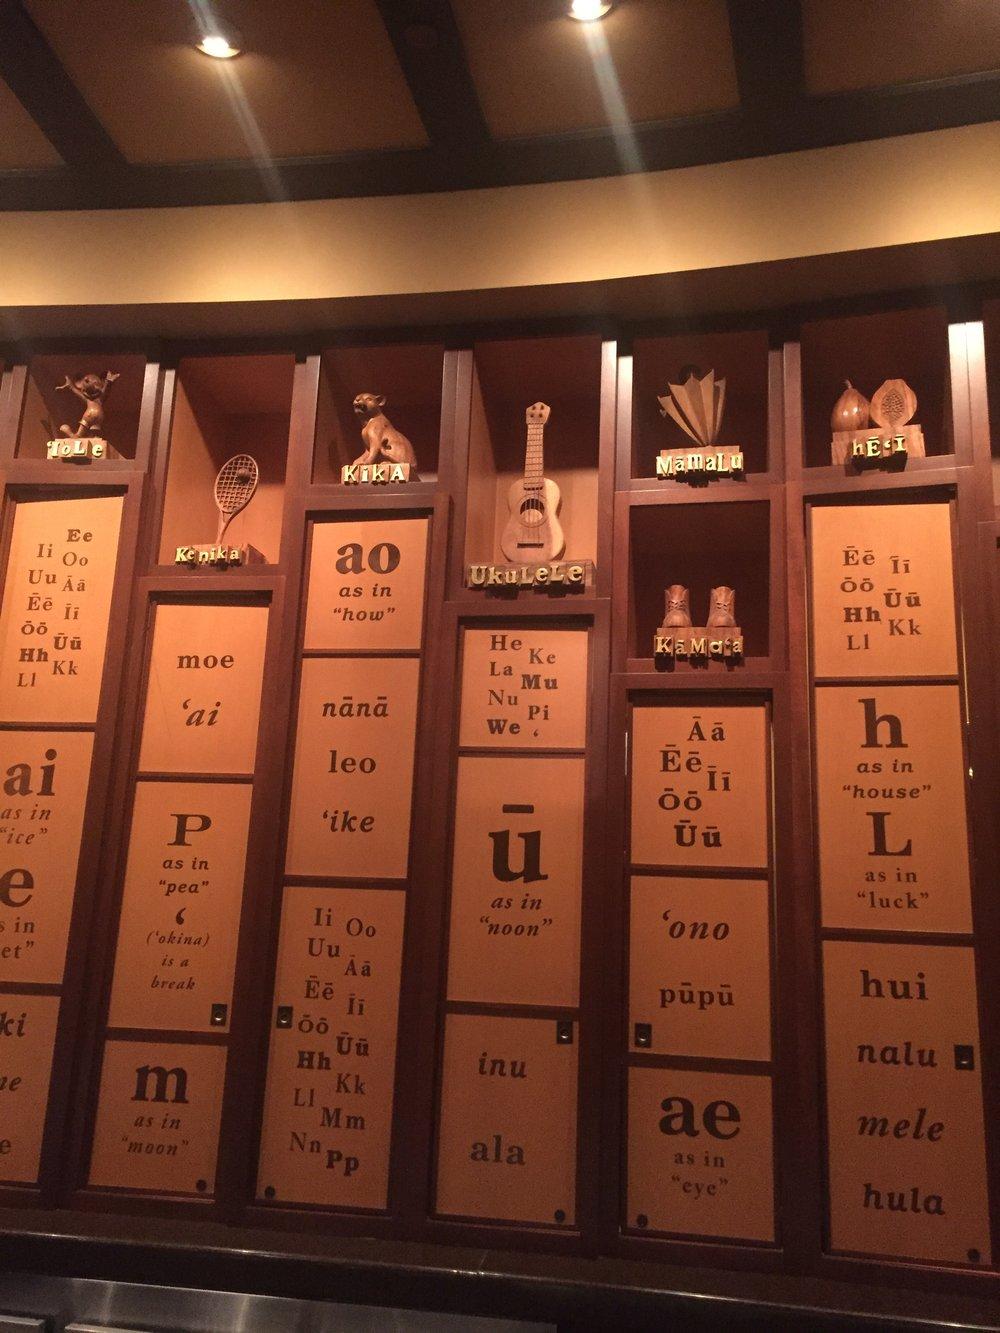 The Olelo room is dedicated to Hawaiian words.